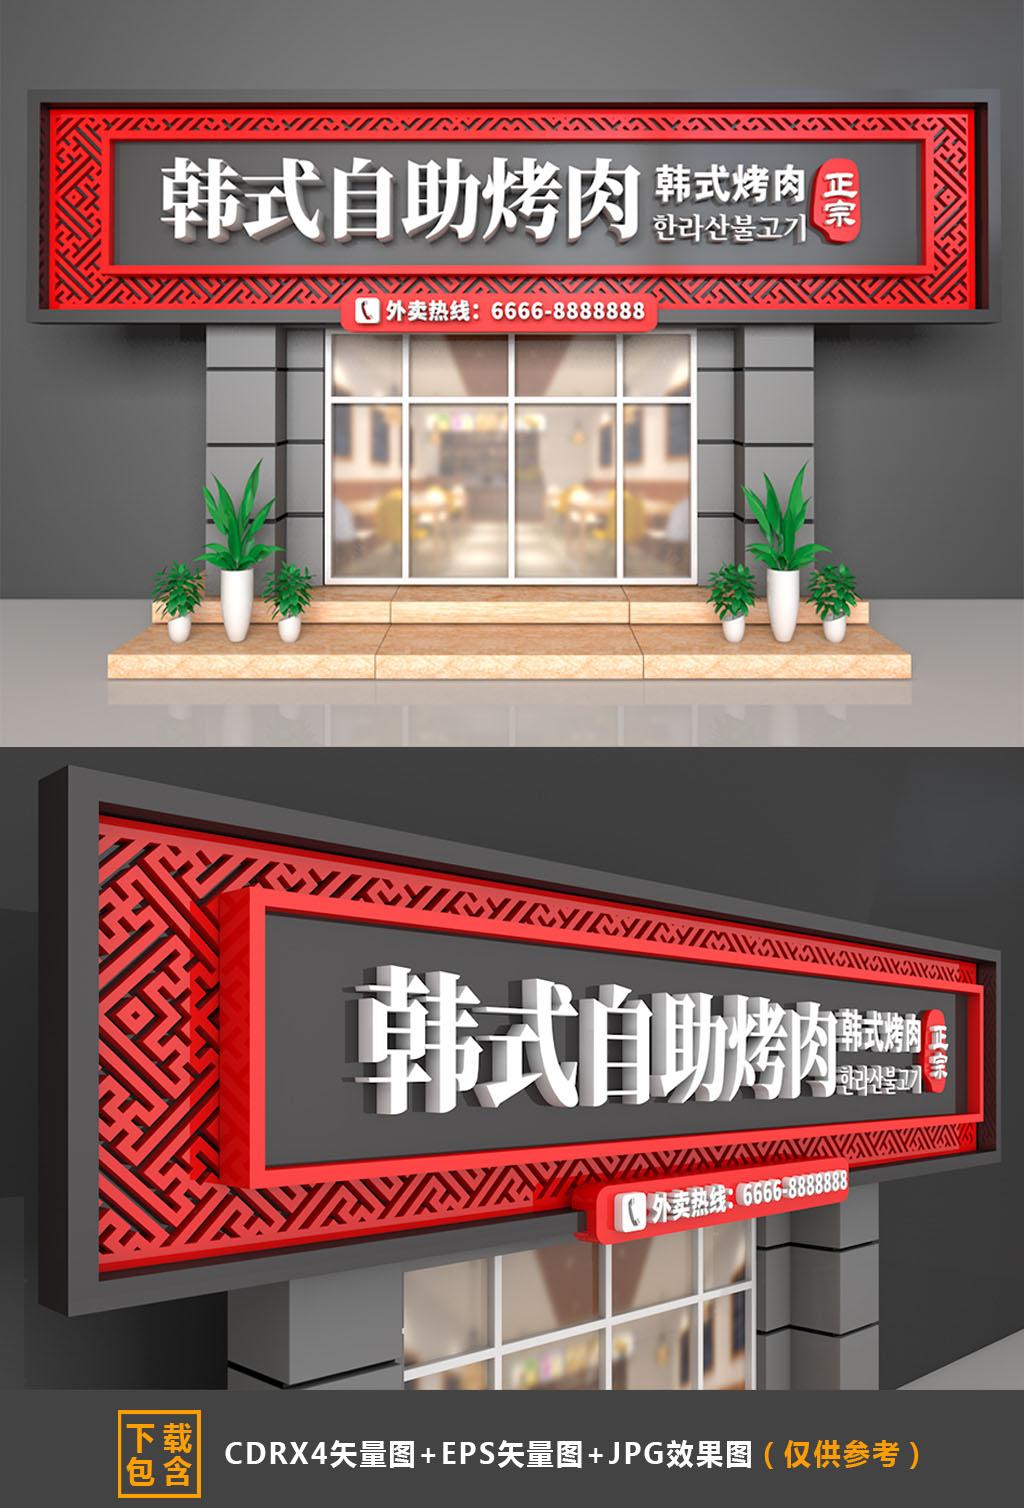 大型3D立体韩式自助烤肉烤肉门头招牌源文件插图